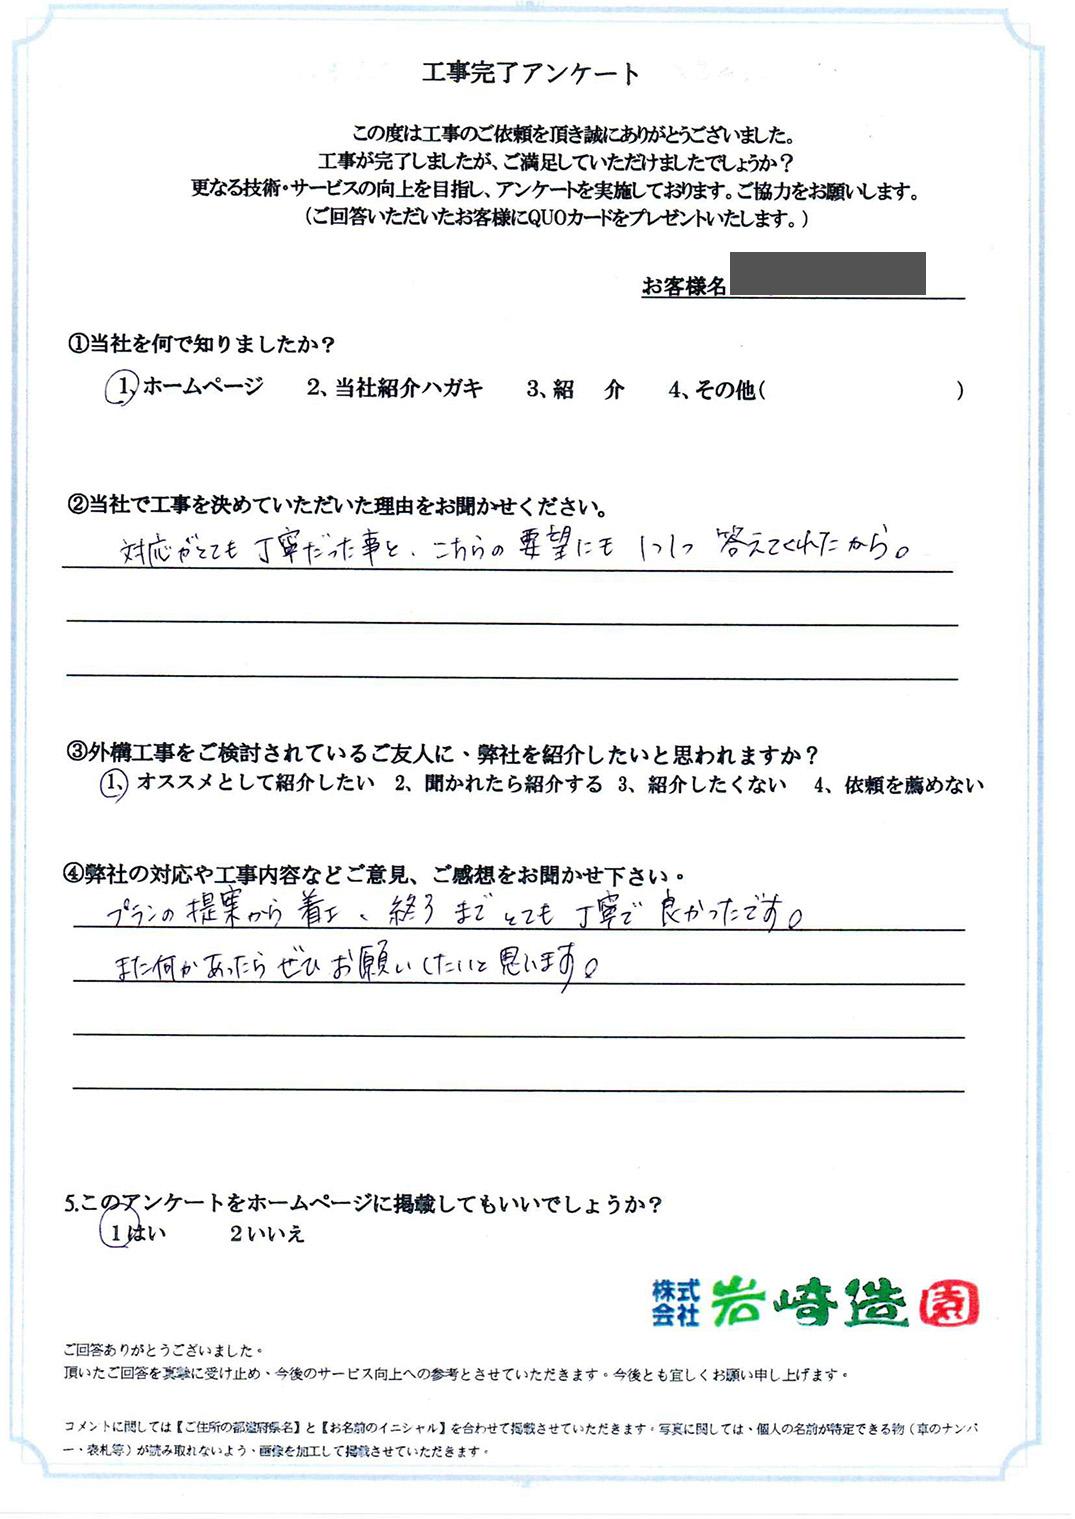 鎌倉市和風庭園|お客様のアンケート